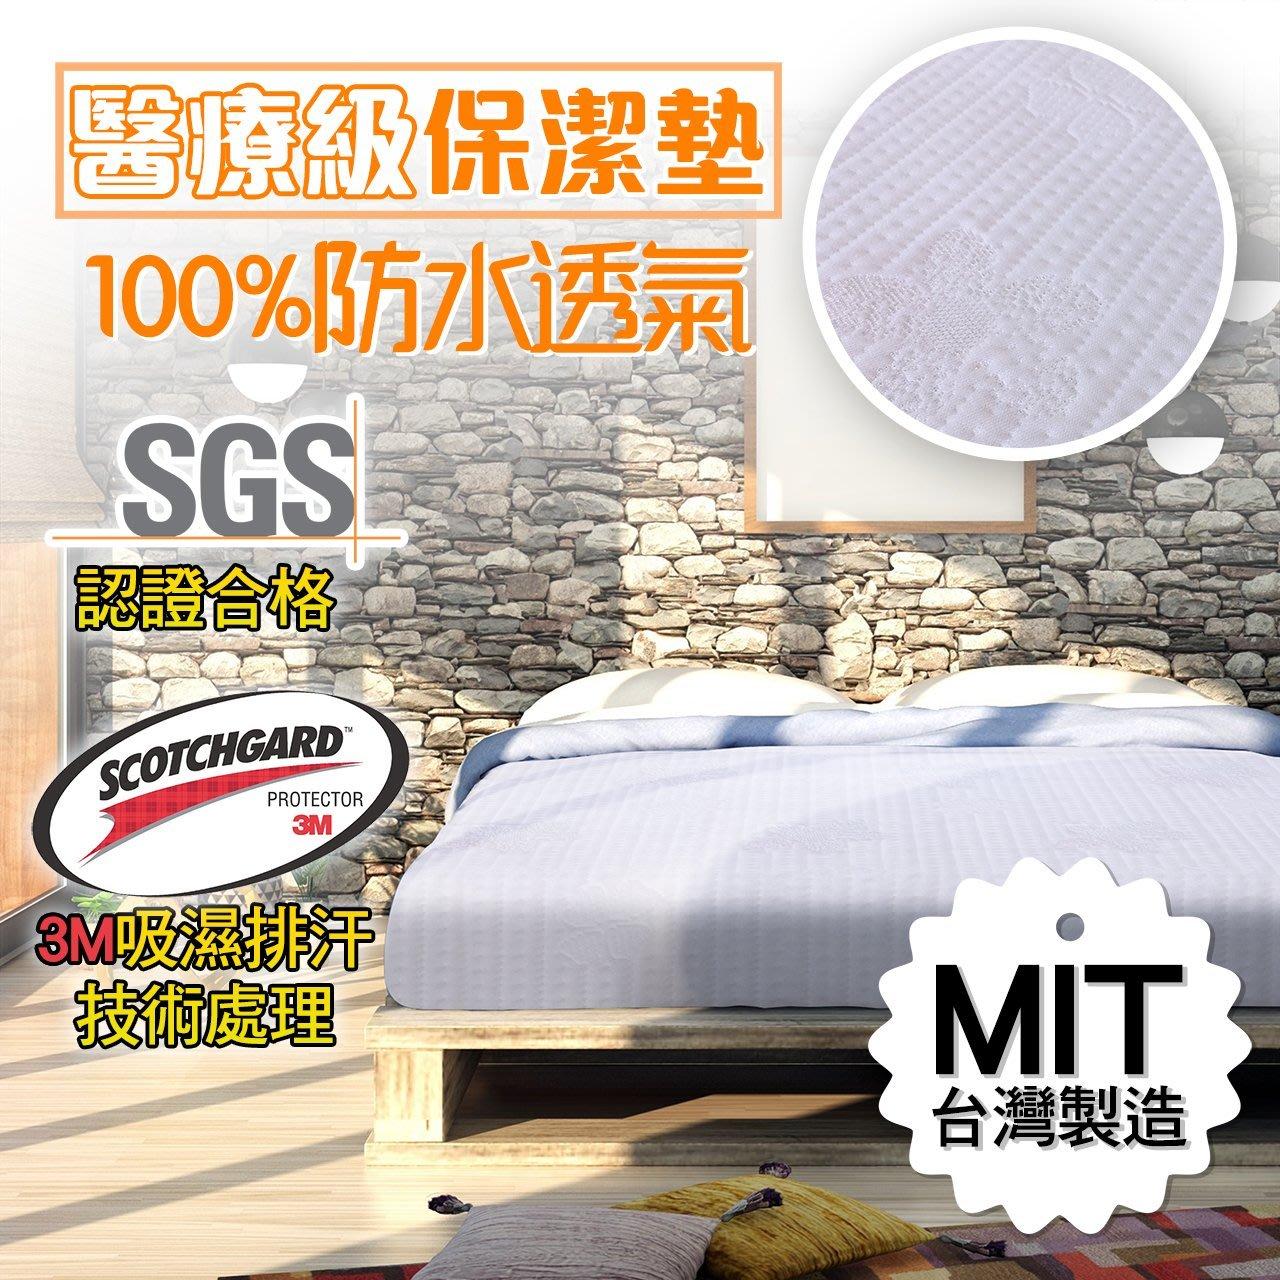 台灣醫療級 3M專利 床包式防水保潔墊 雙人加大 6*6.2【B1035】